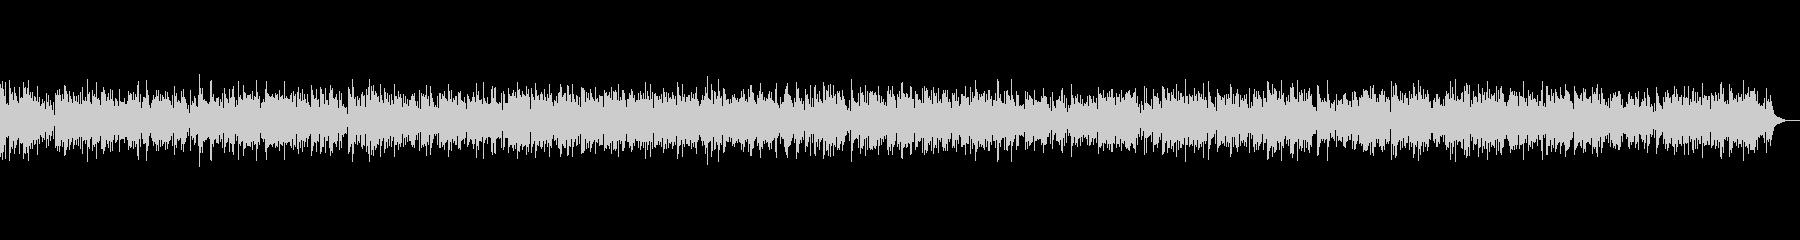 癒しのウクレレの常夏ハワイアンバンド9分の未再生の波形